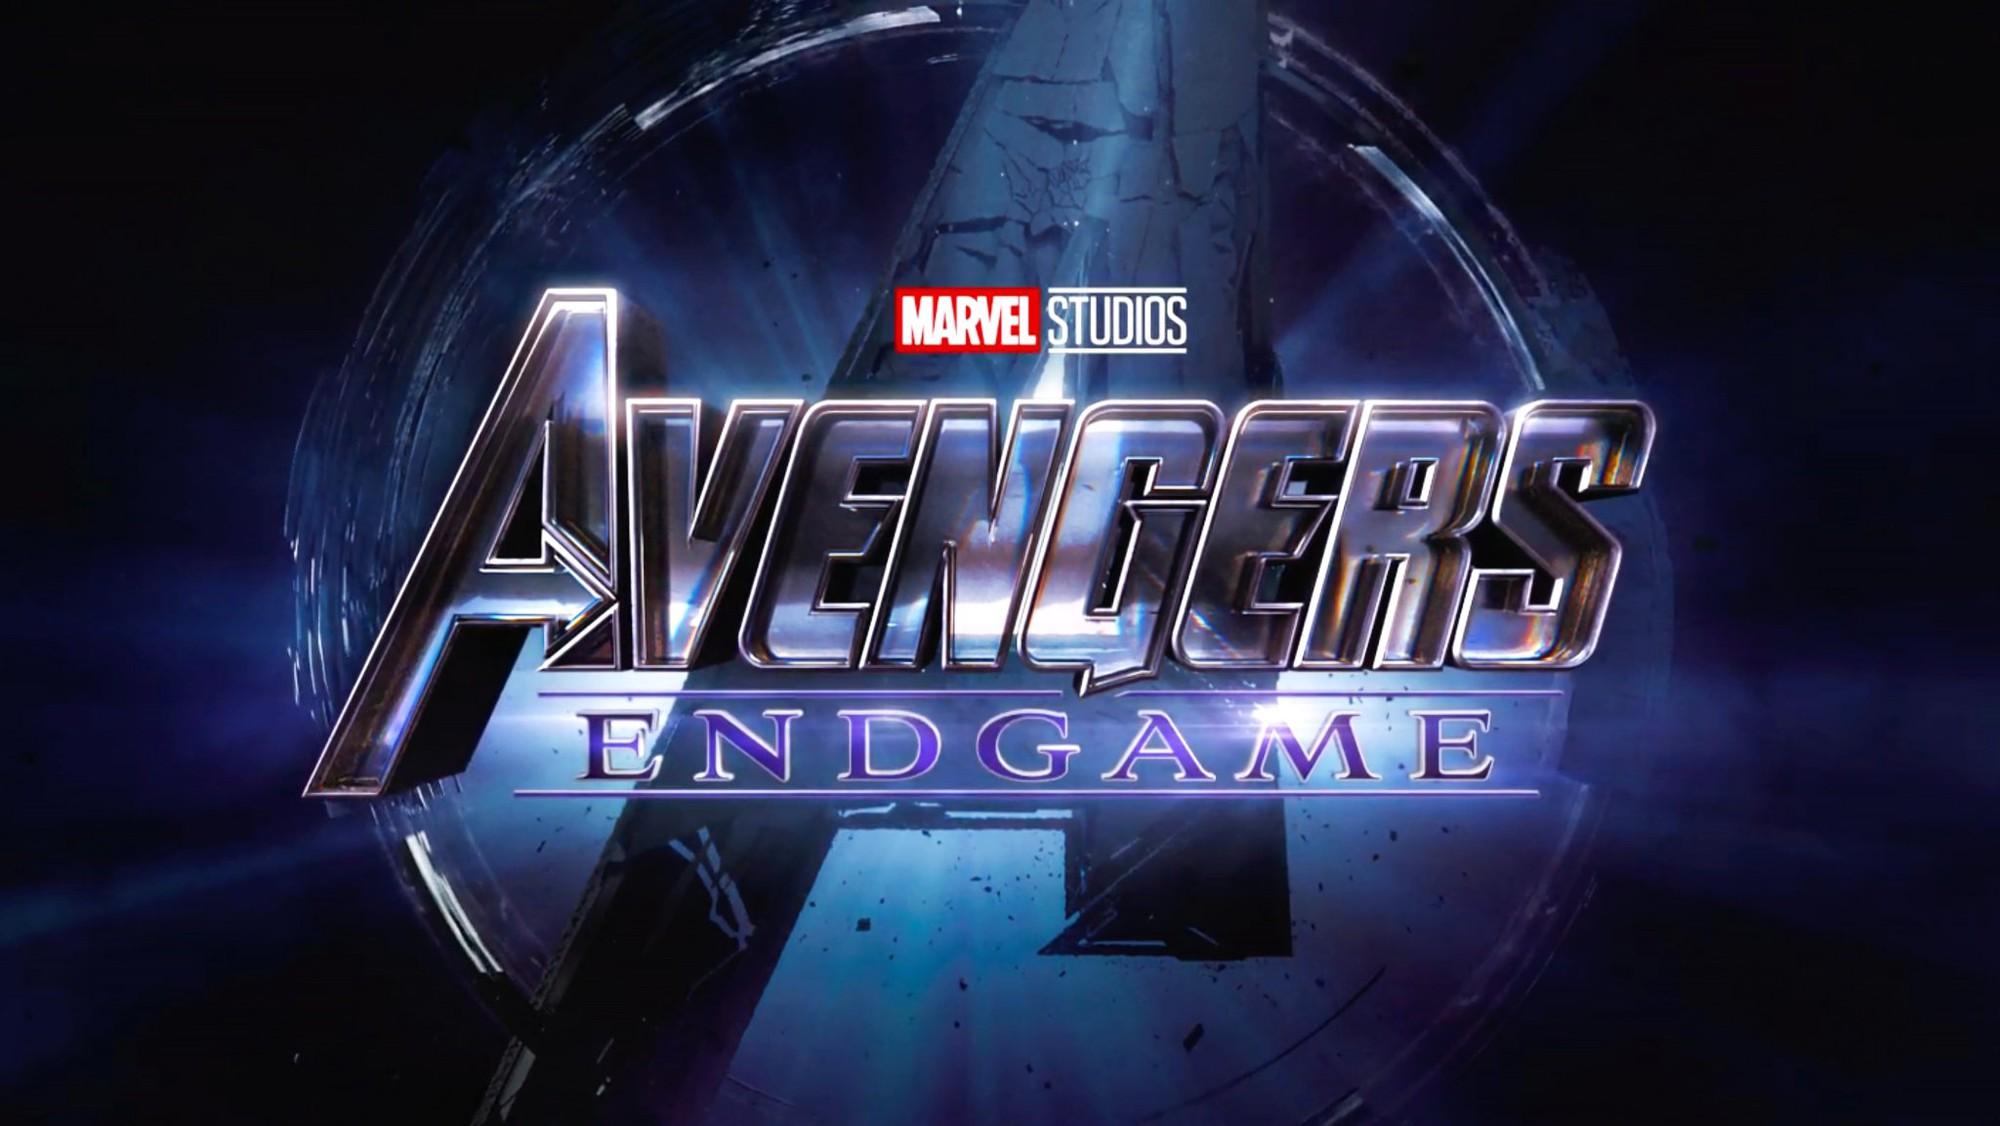 Trailer và tên chính thức của Avengers 4 đây rồi, nhưng tại sao lại buồn thảm thế này? - Ảnh 2.